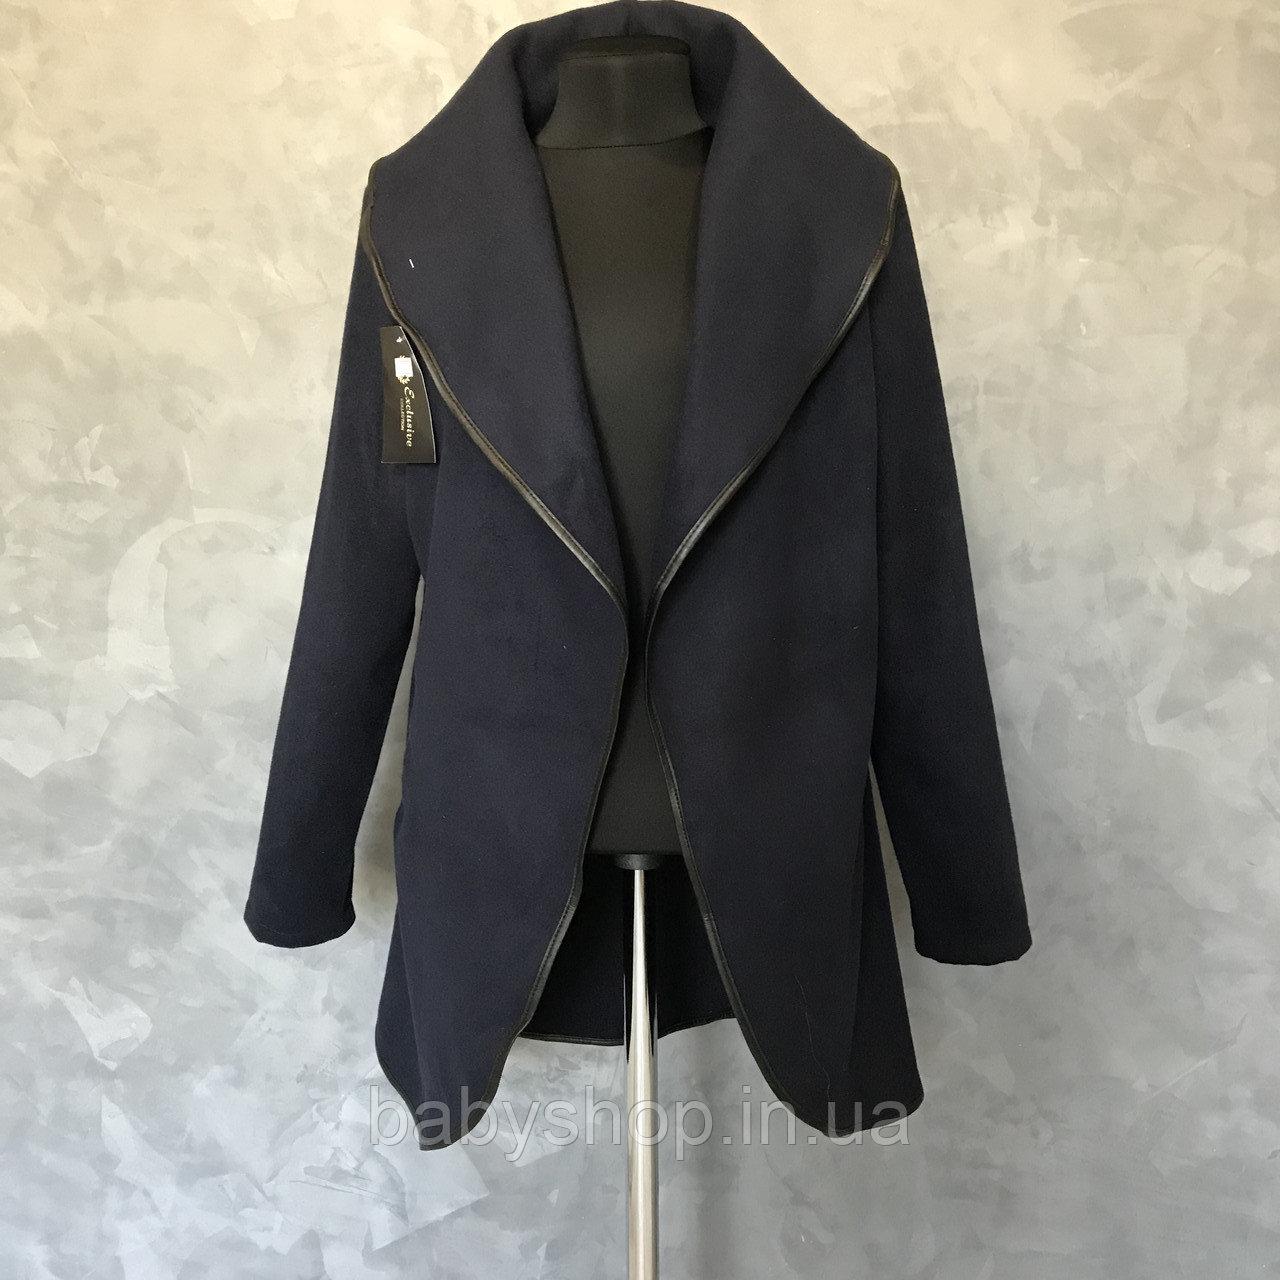 Женское пальто 3. Размер: 44